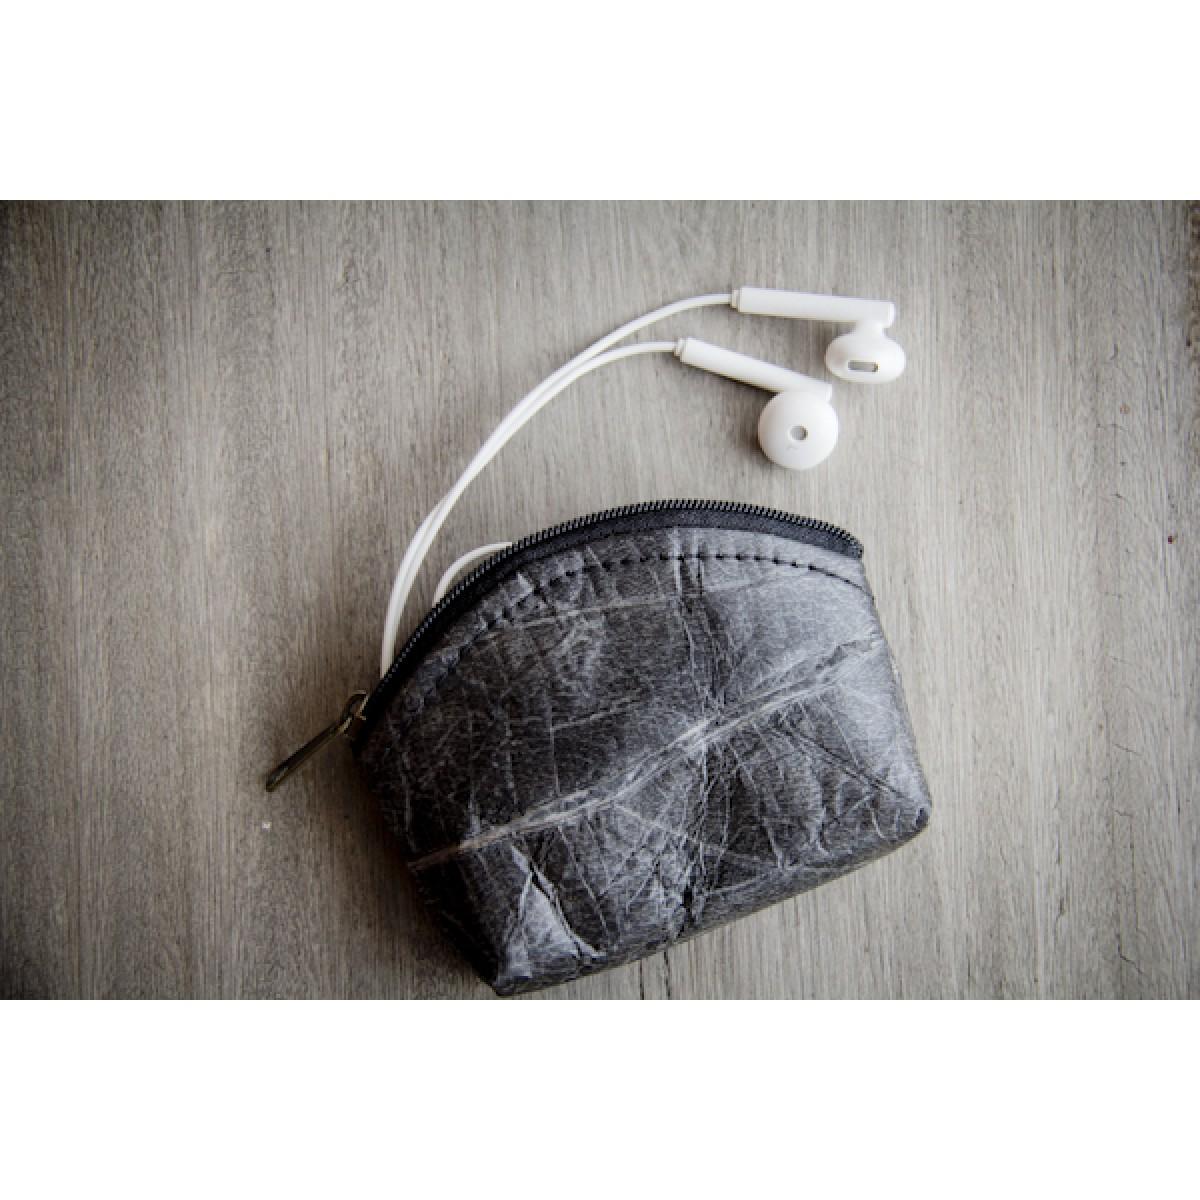 Portemonnaie, Geldbörse aus laminierten Blättern in Schwarz BY COPALA